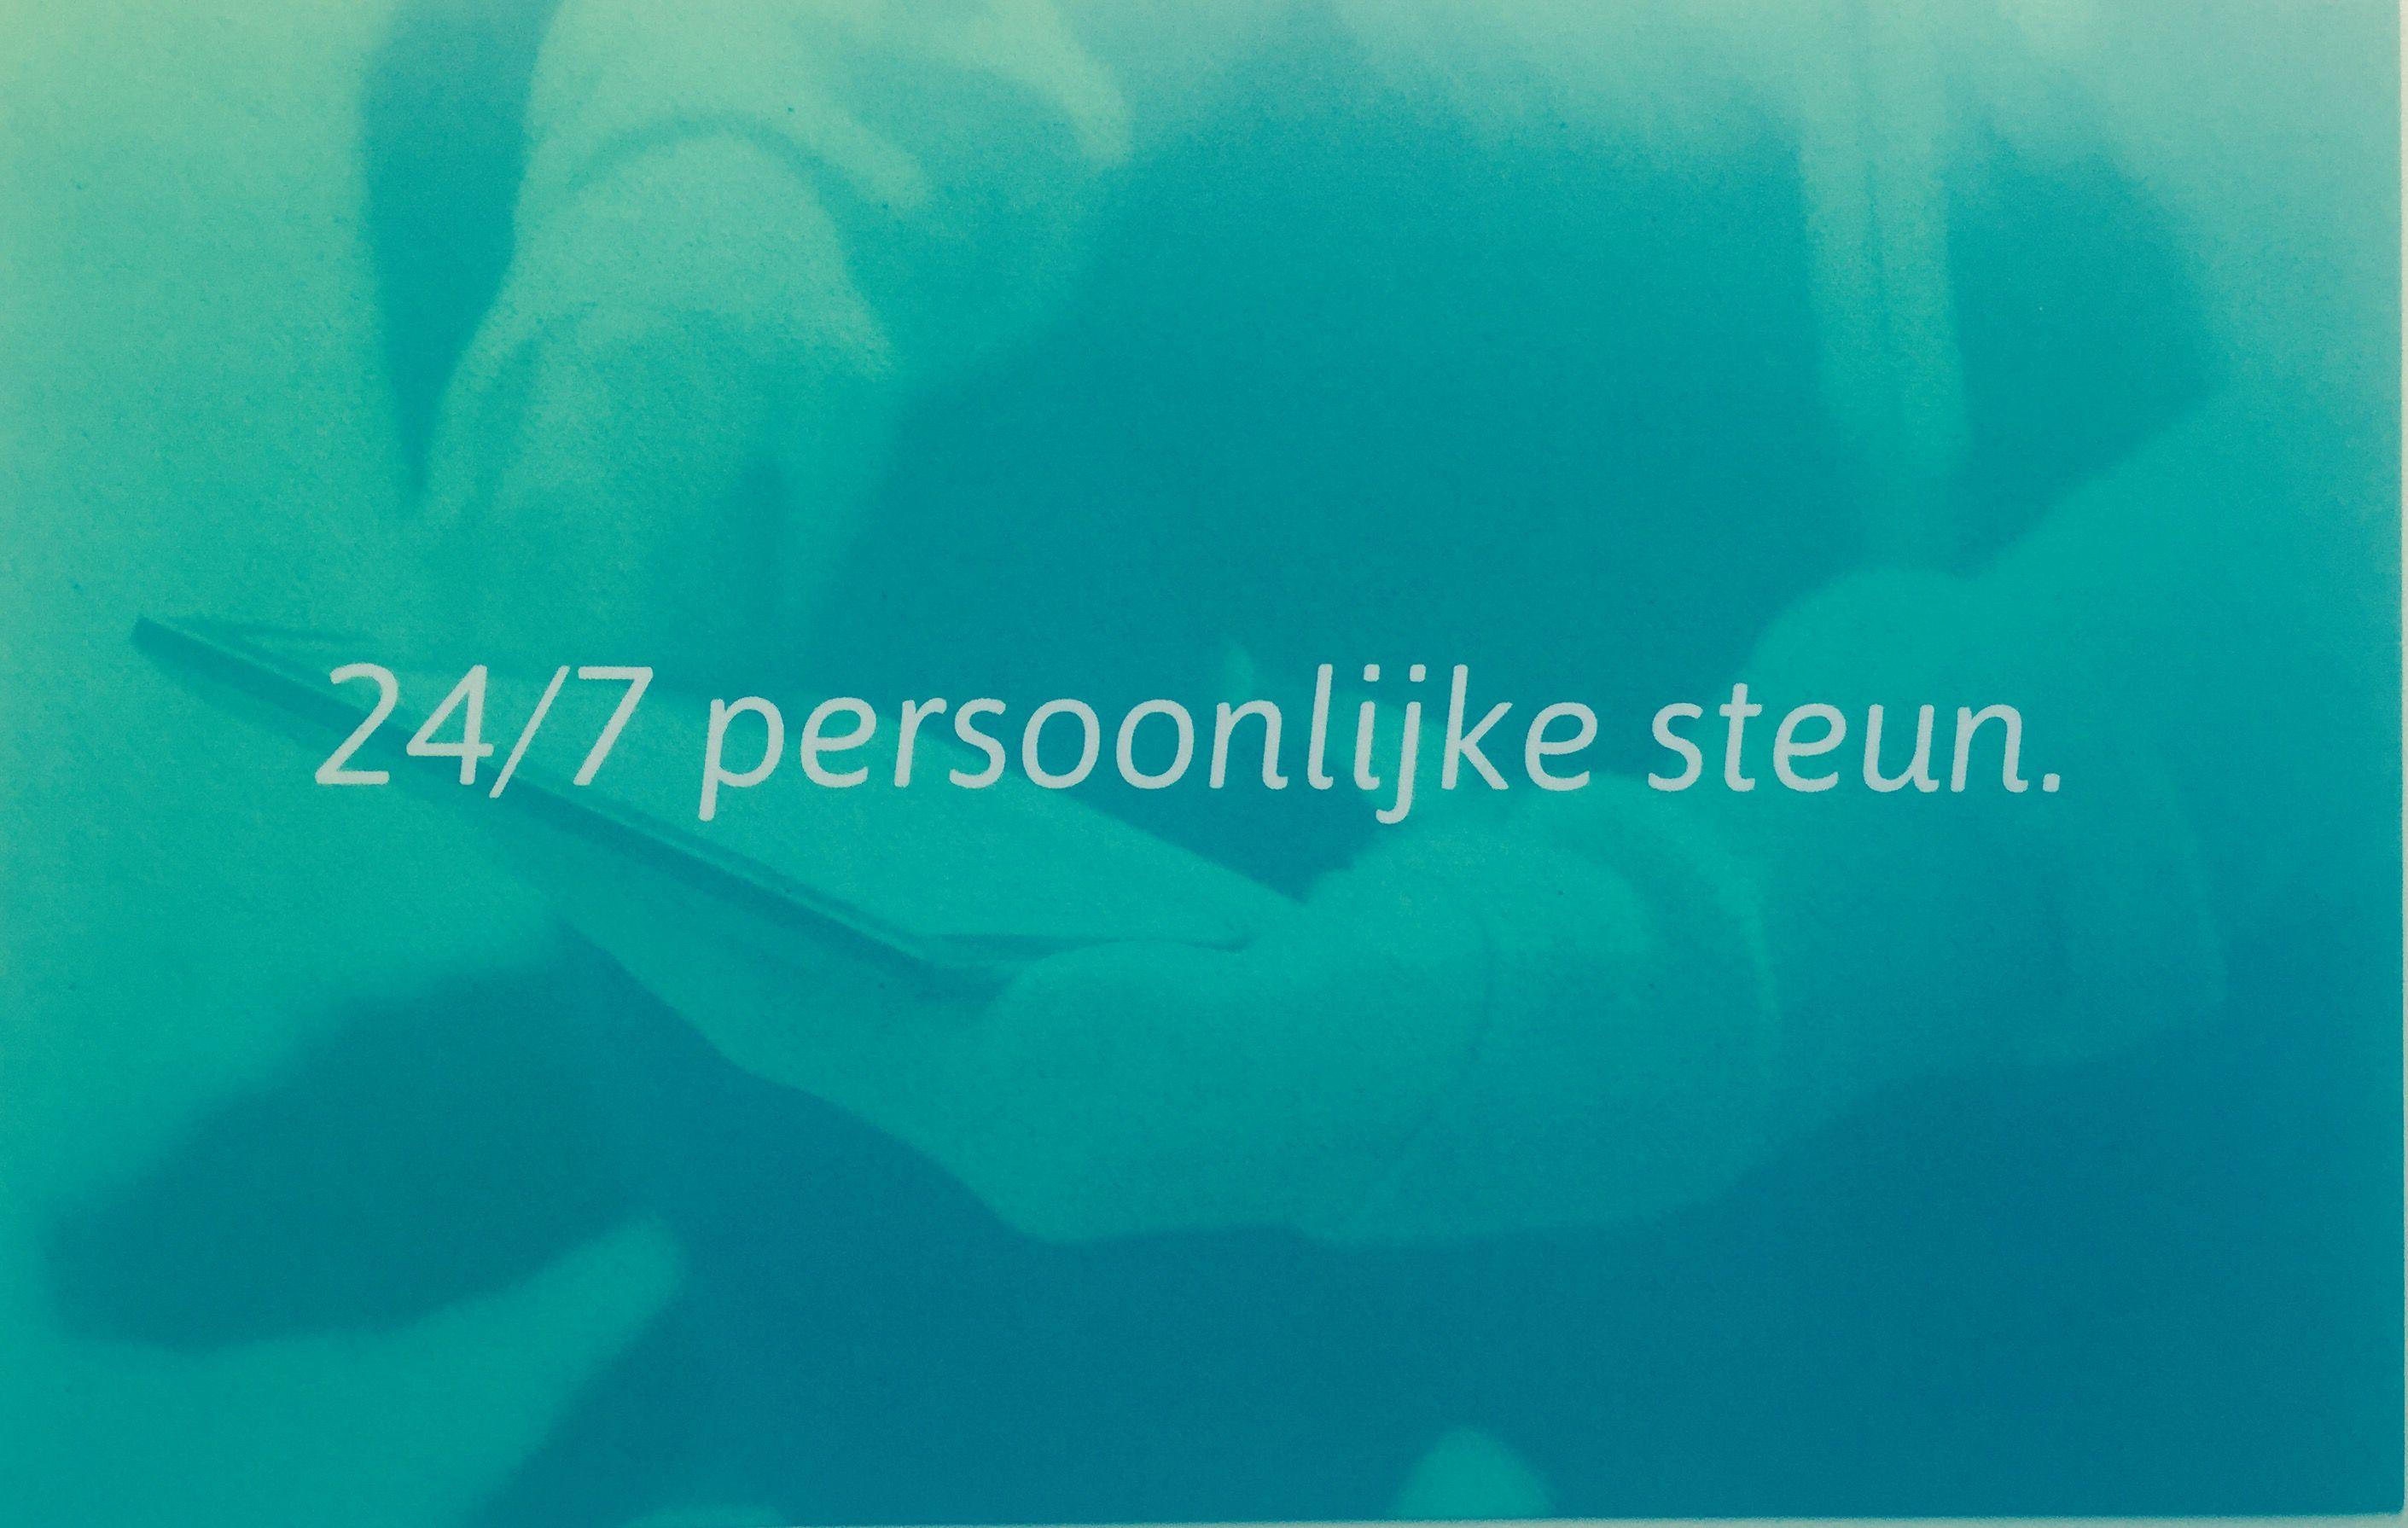 Woosh5 is 24/7 bereikbaar voor persoonlijke steun.